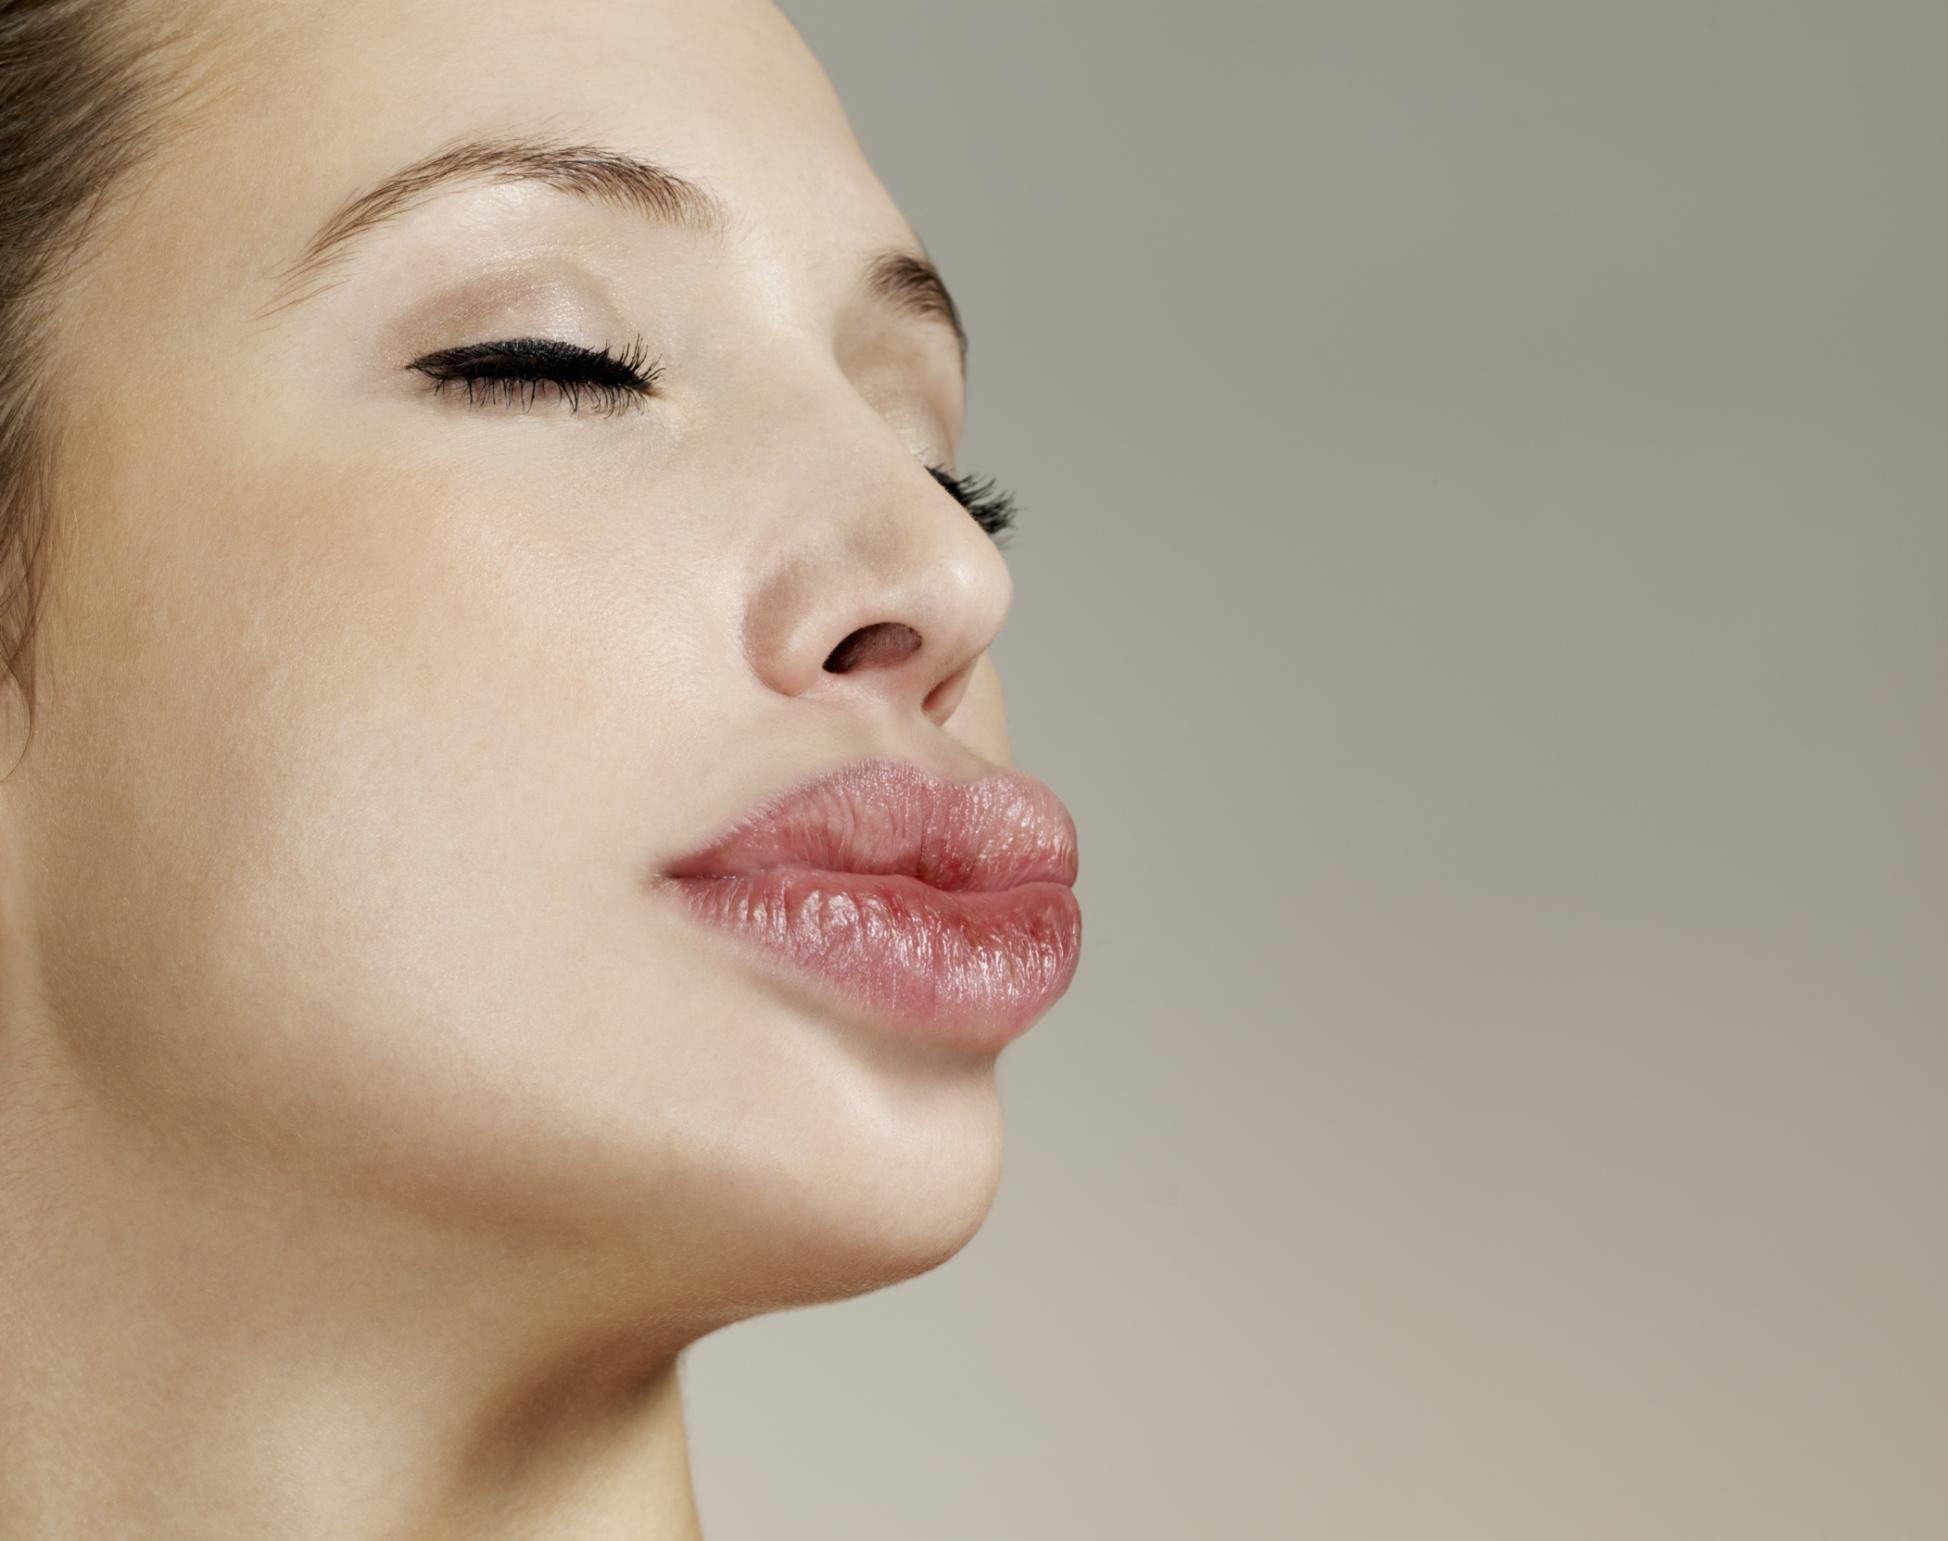 Смотреть фото самых больших губ, Фотографии Девушки с большими размерами половых 8 фотография